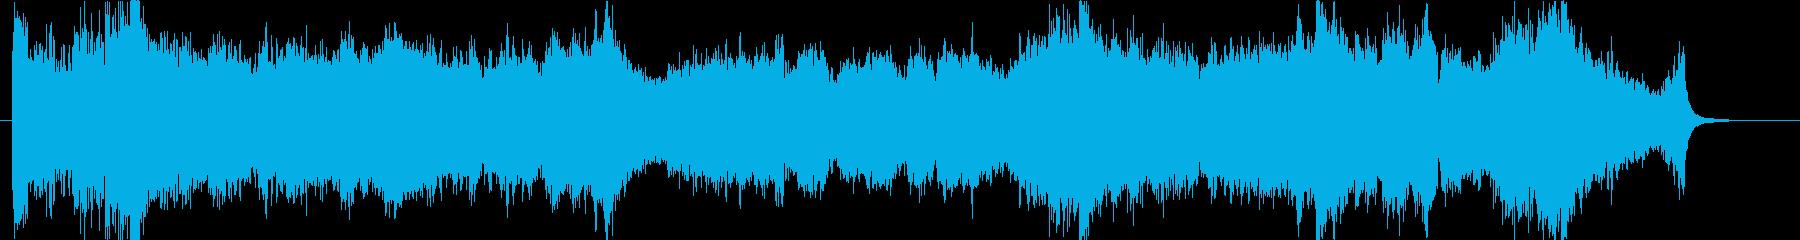 壮大、感動のオーケストラオープニングcの再生済みの波形